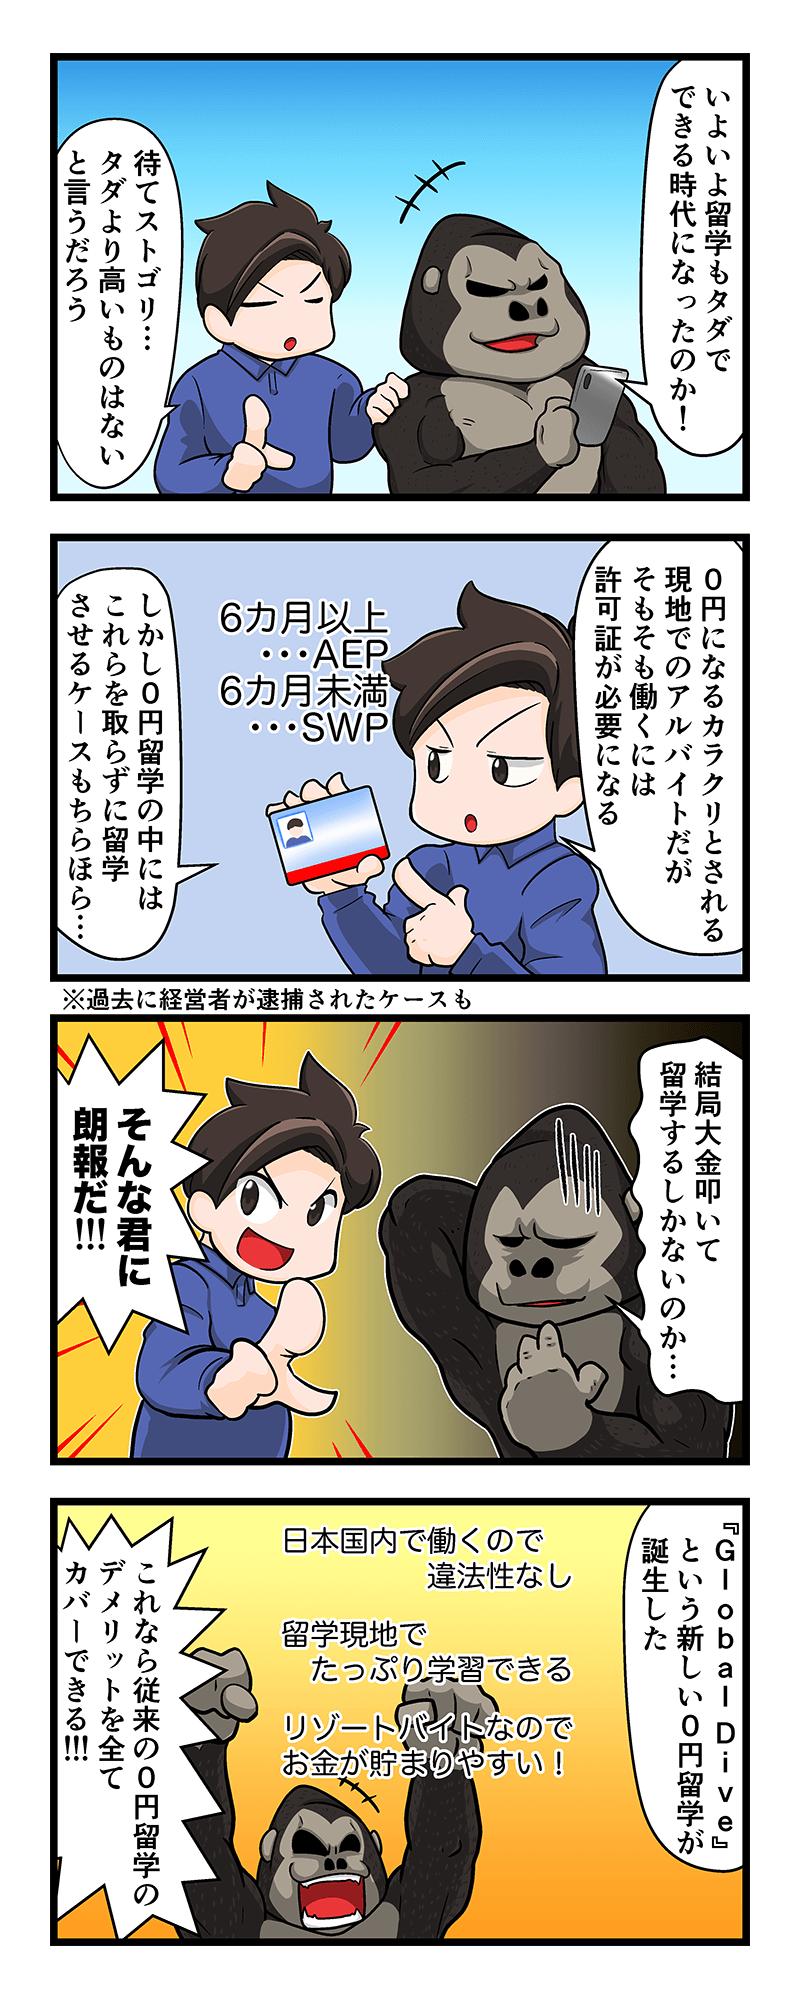 0円留学の4コマ漫画